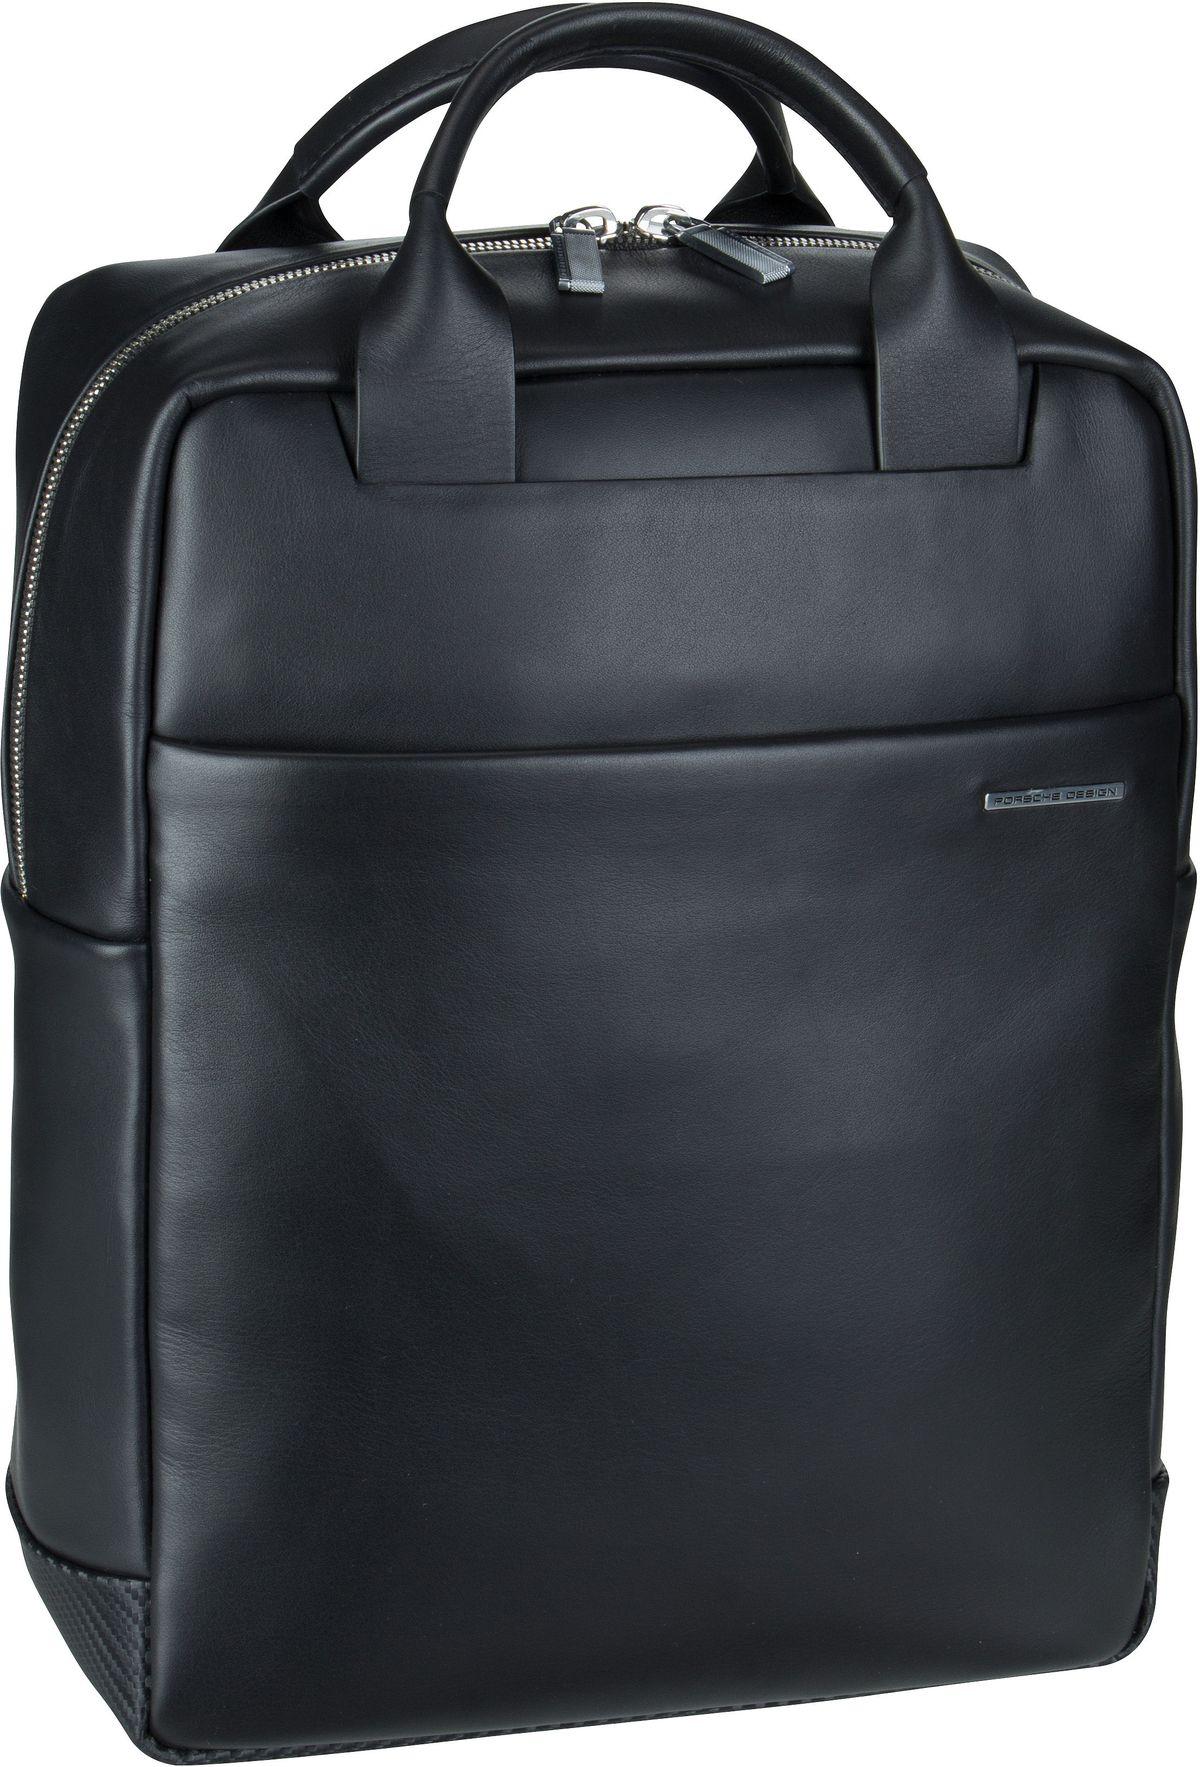 Laptoprucksack CL2 3.0 Backpack SVZ Black